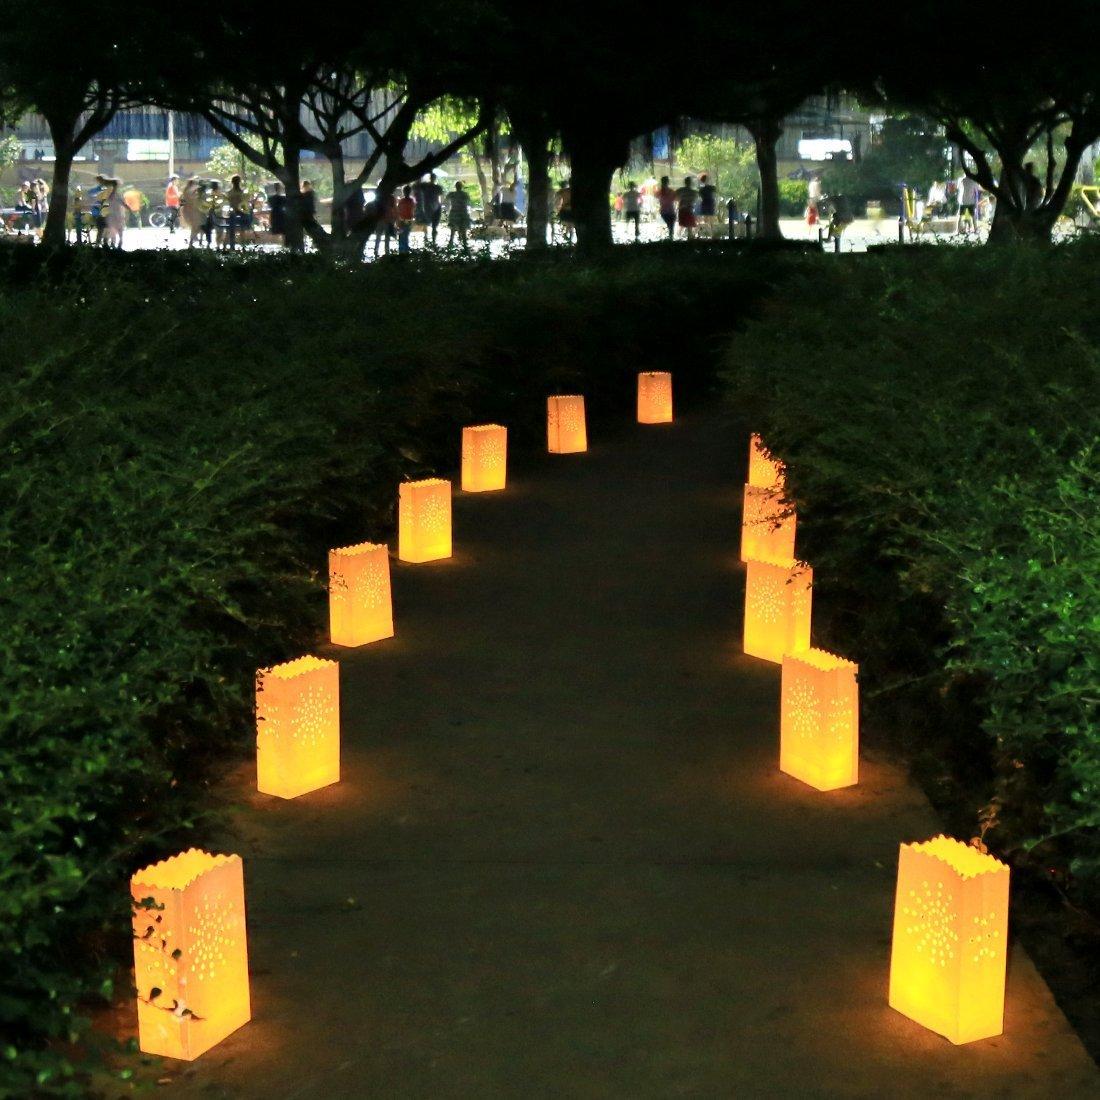 20 pc Borse per Illuminazione a Candela Perfetto per Natale Cotone Ignifugo Durevole e Riutilizzabile la Ricezione ed Evento AOOKEY Candle Luminary Bags la Cerimonia Nuziale